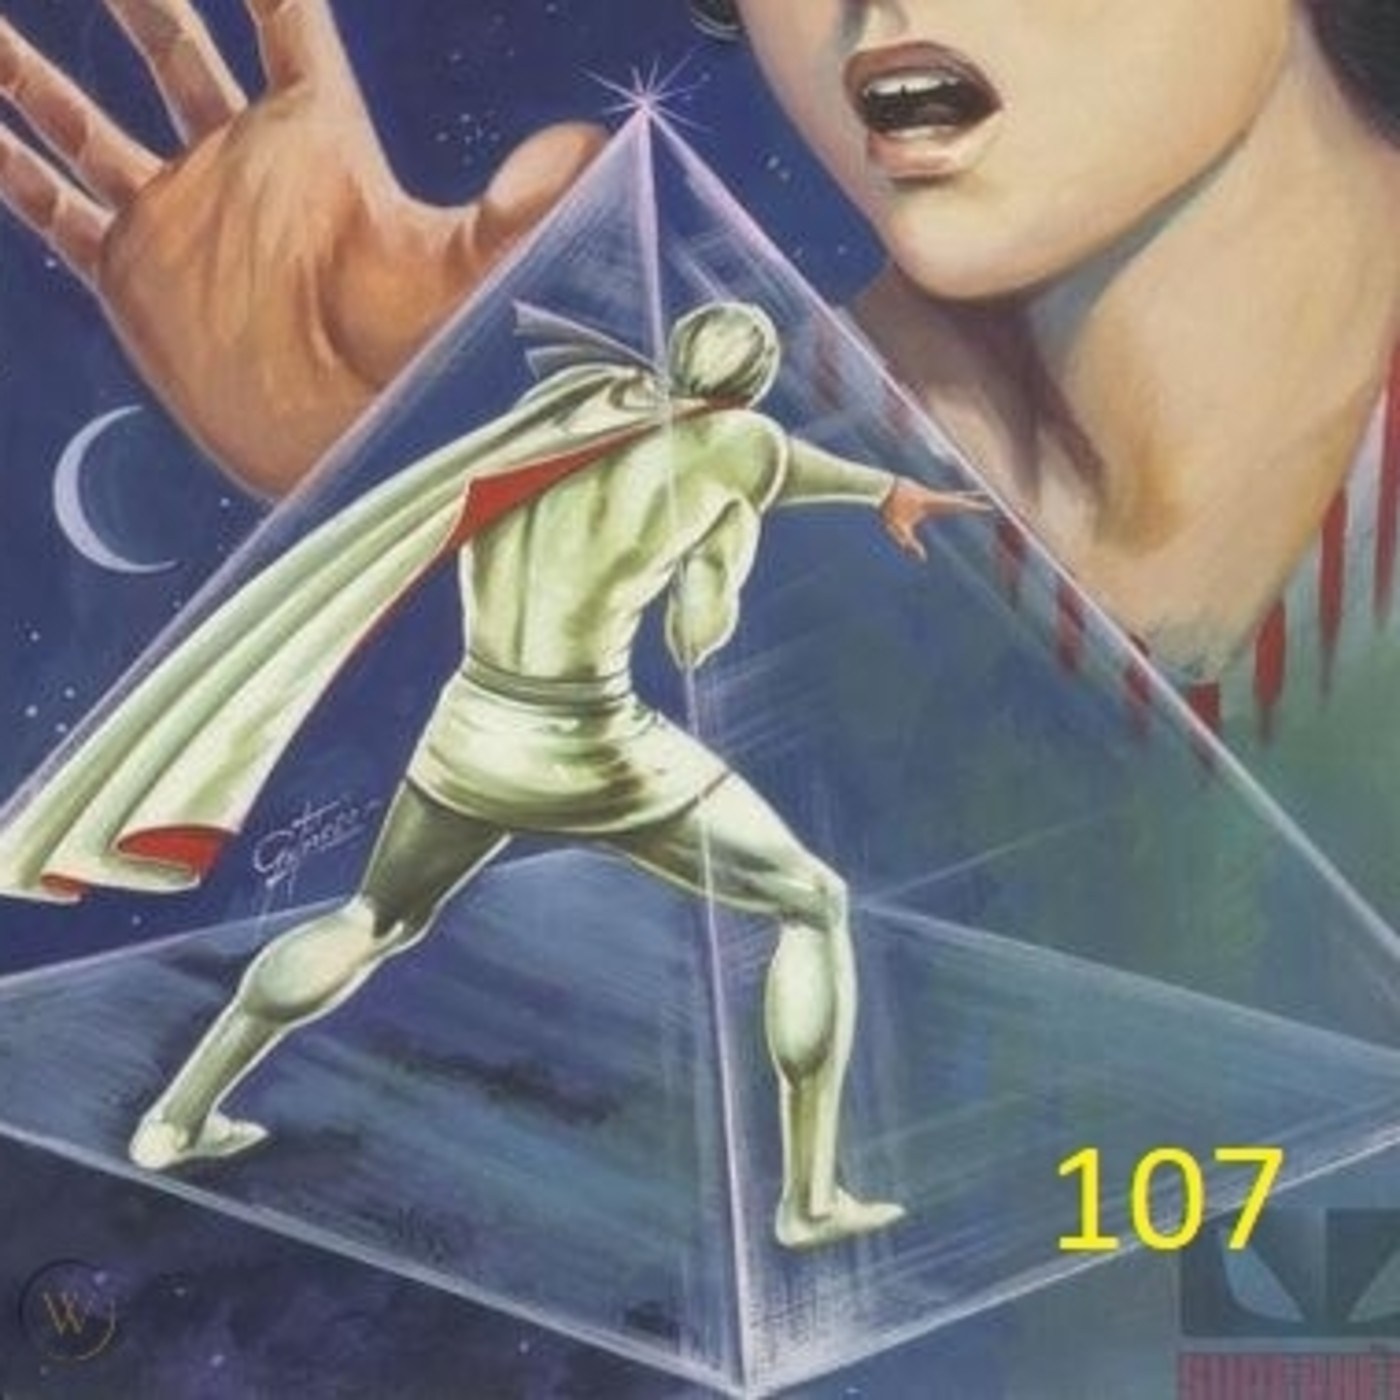 30x107 Muerte en la cuarta dimensión Kaliman